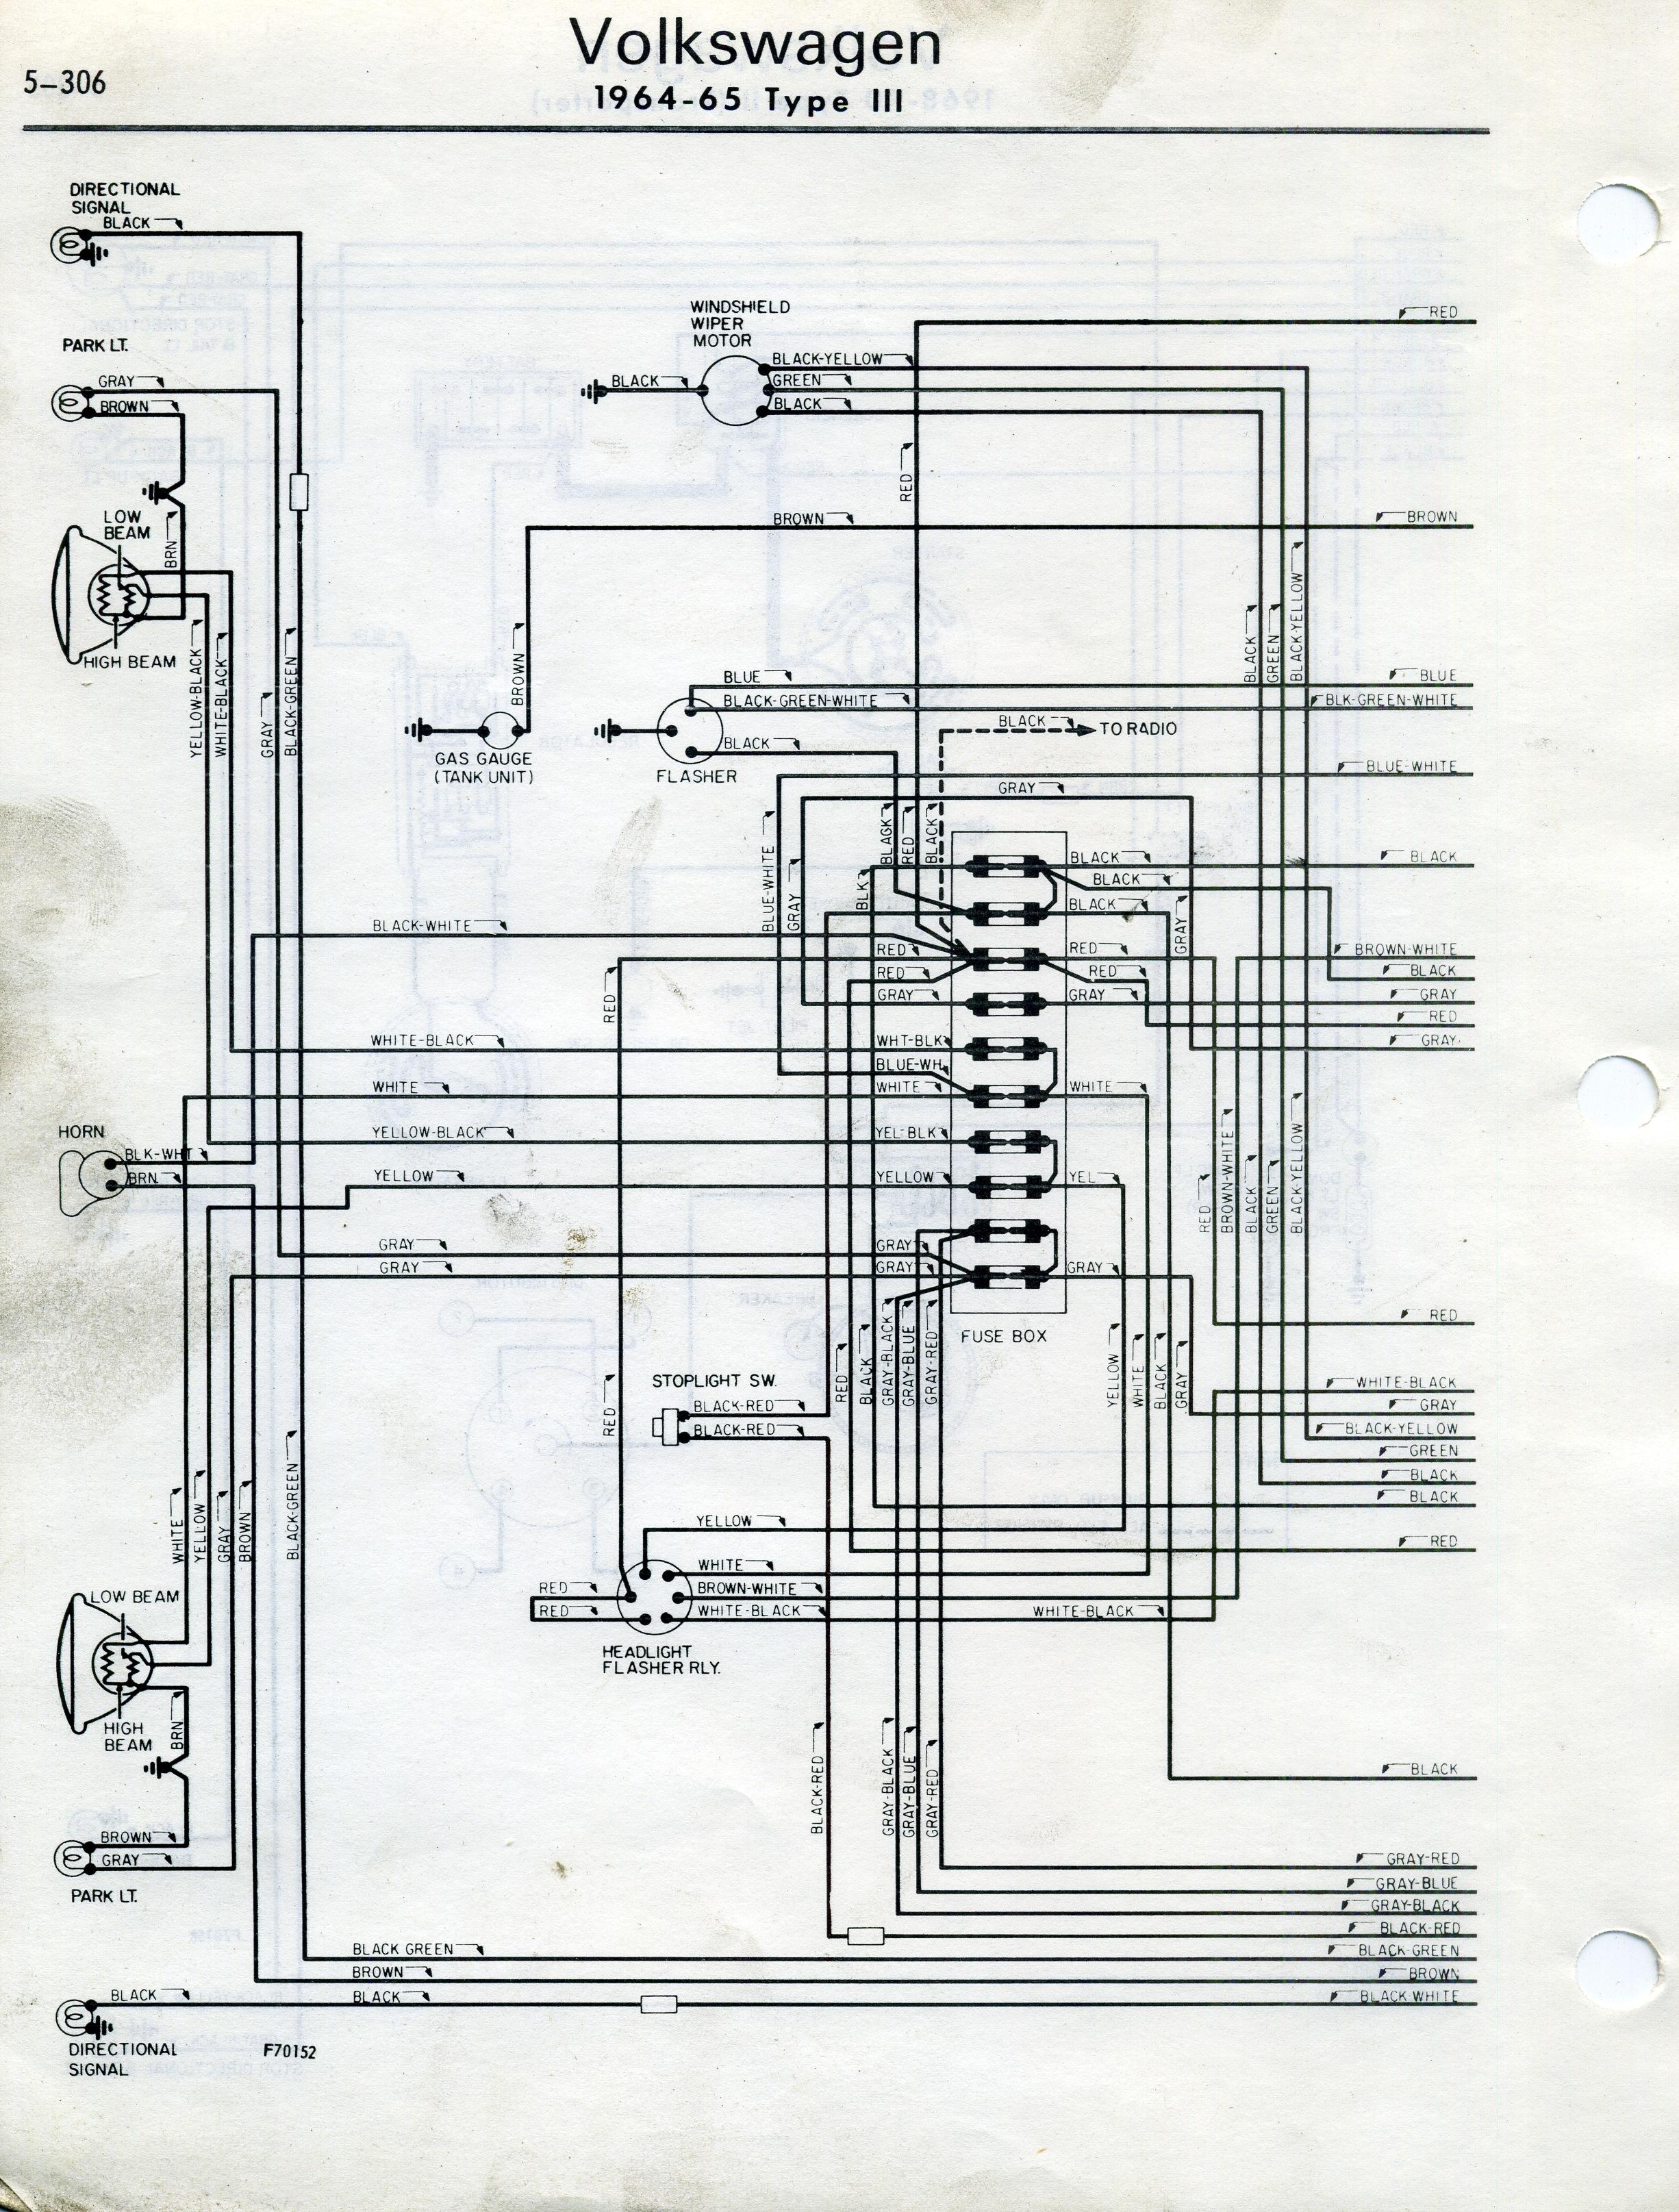 1973 vw type 3 wiring diagram